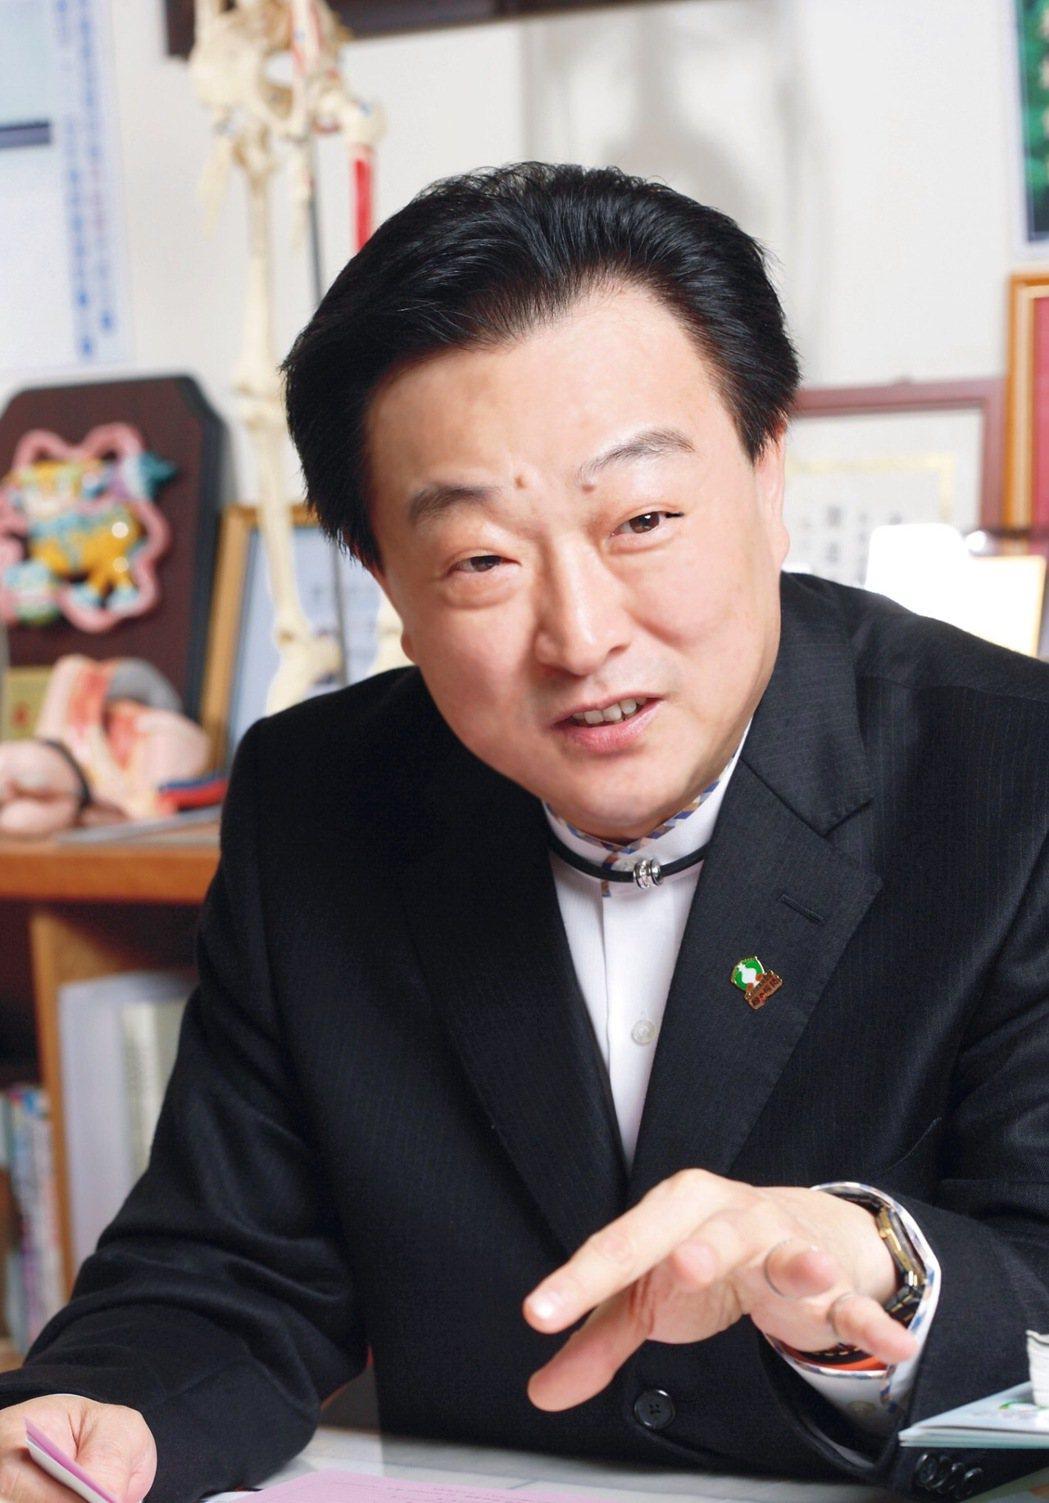 紅崴科技集團董事長謝進興。 紅崴科技/提供